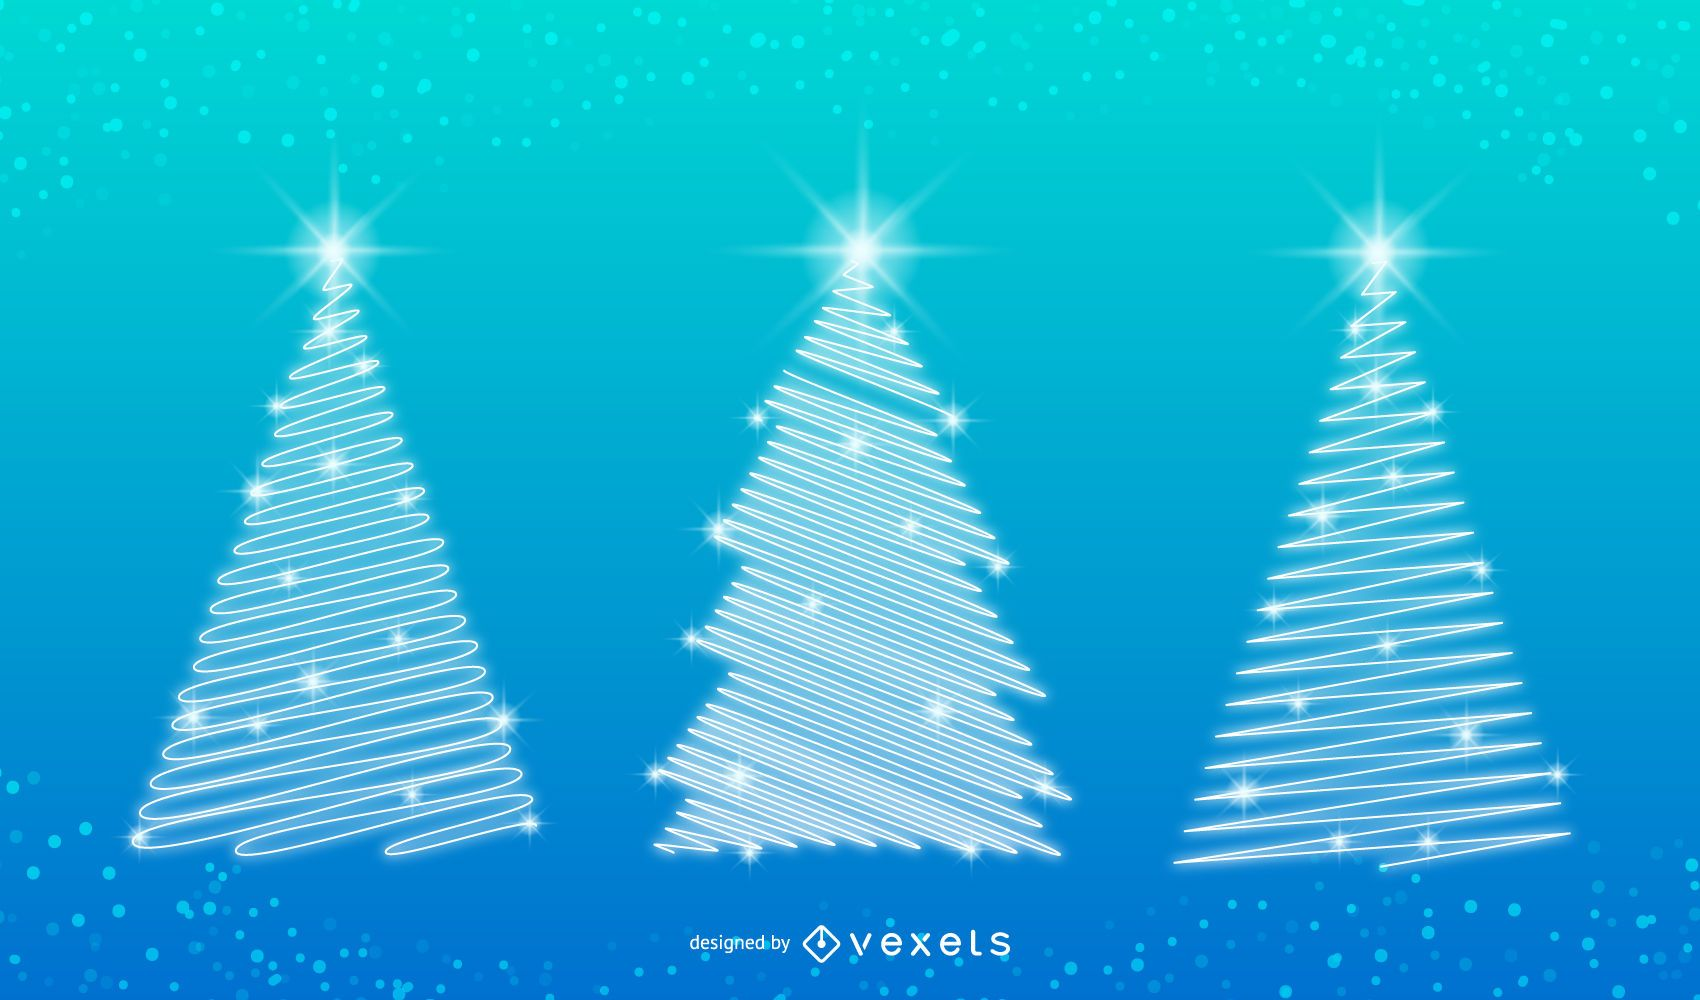 Ilustraciones de árboles de navidad con nieve